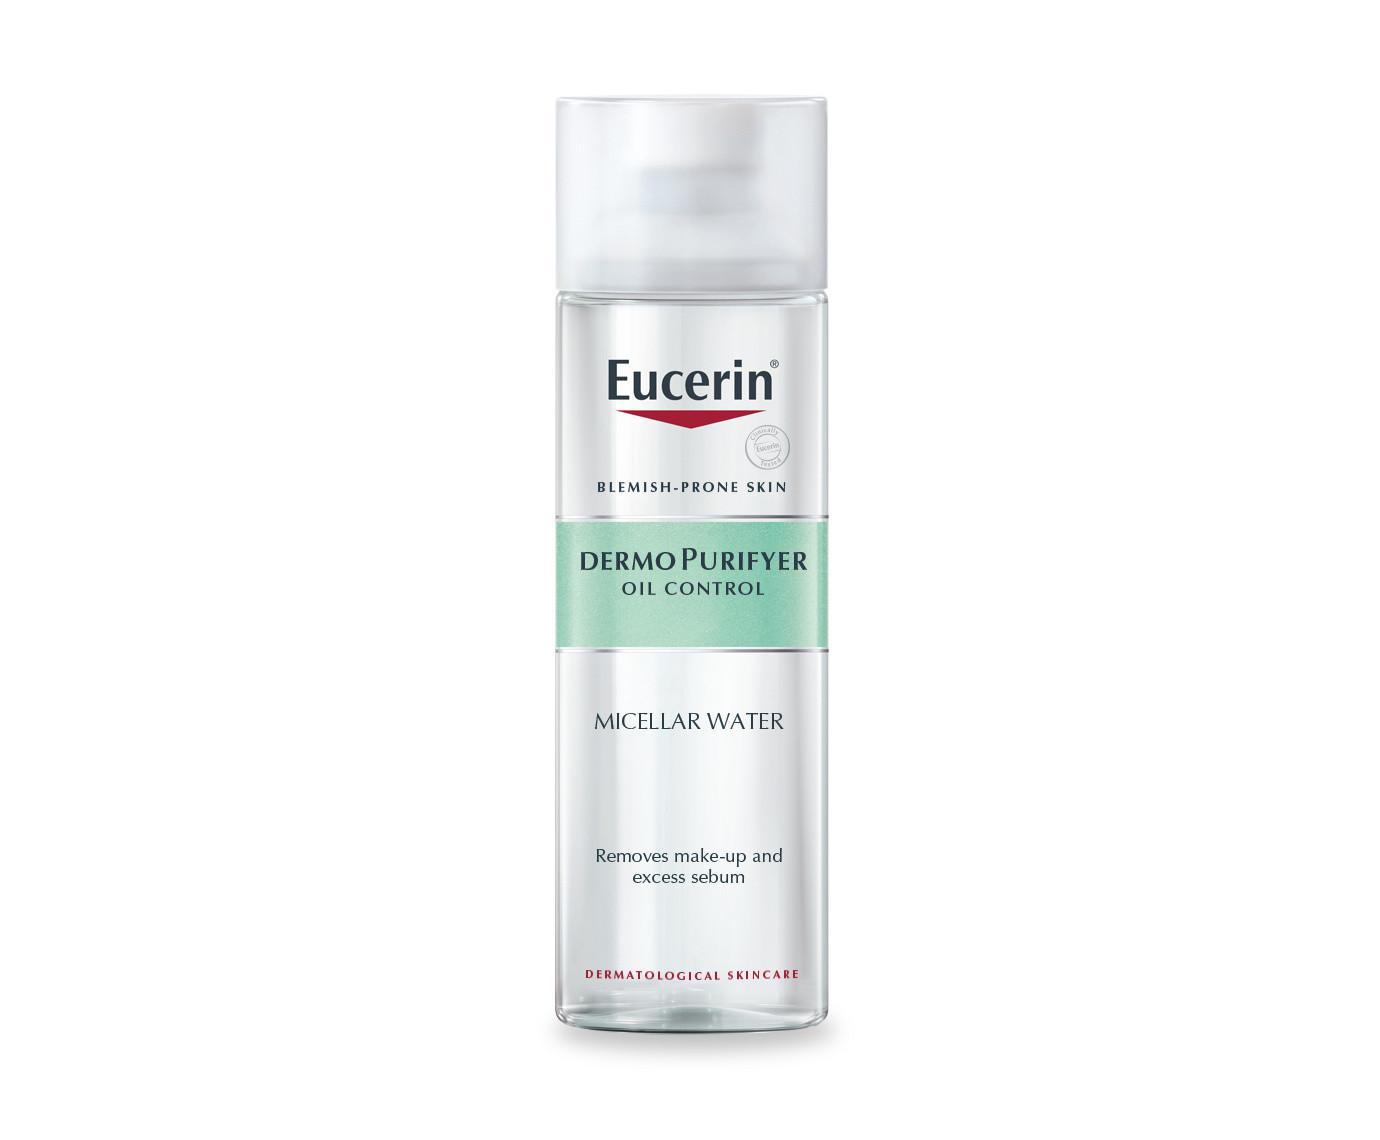 Eucerin DermoPURIFYER Micellar Water